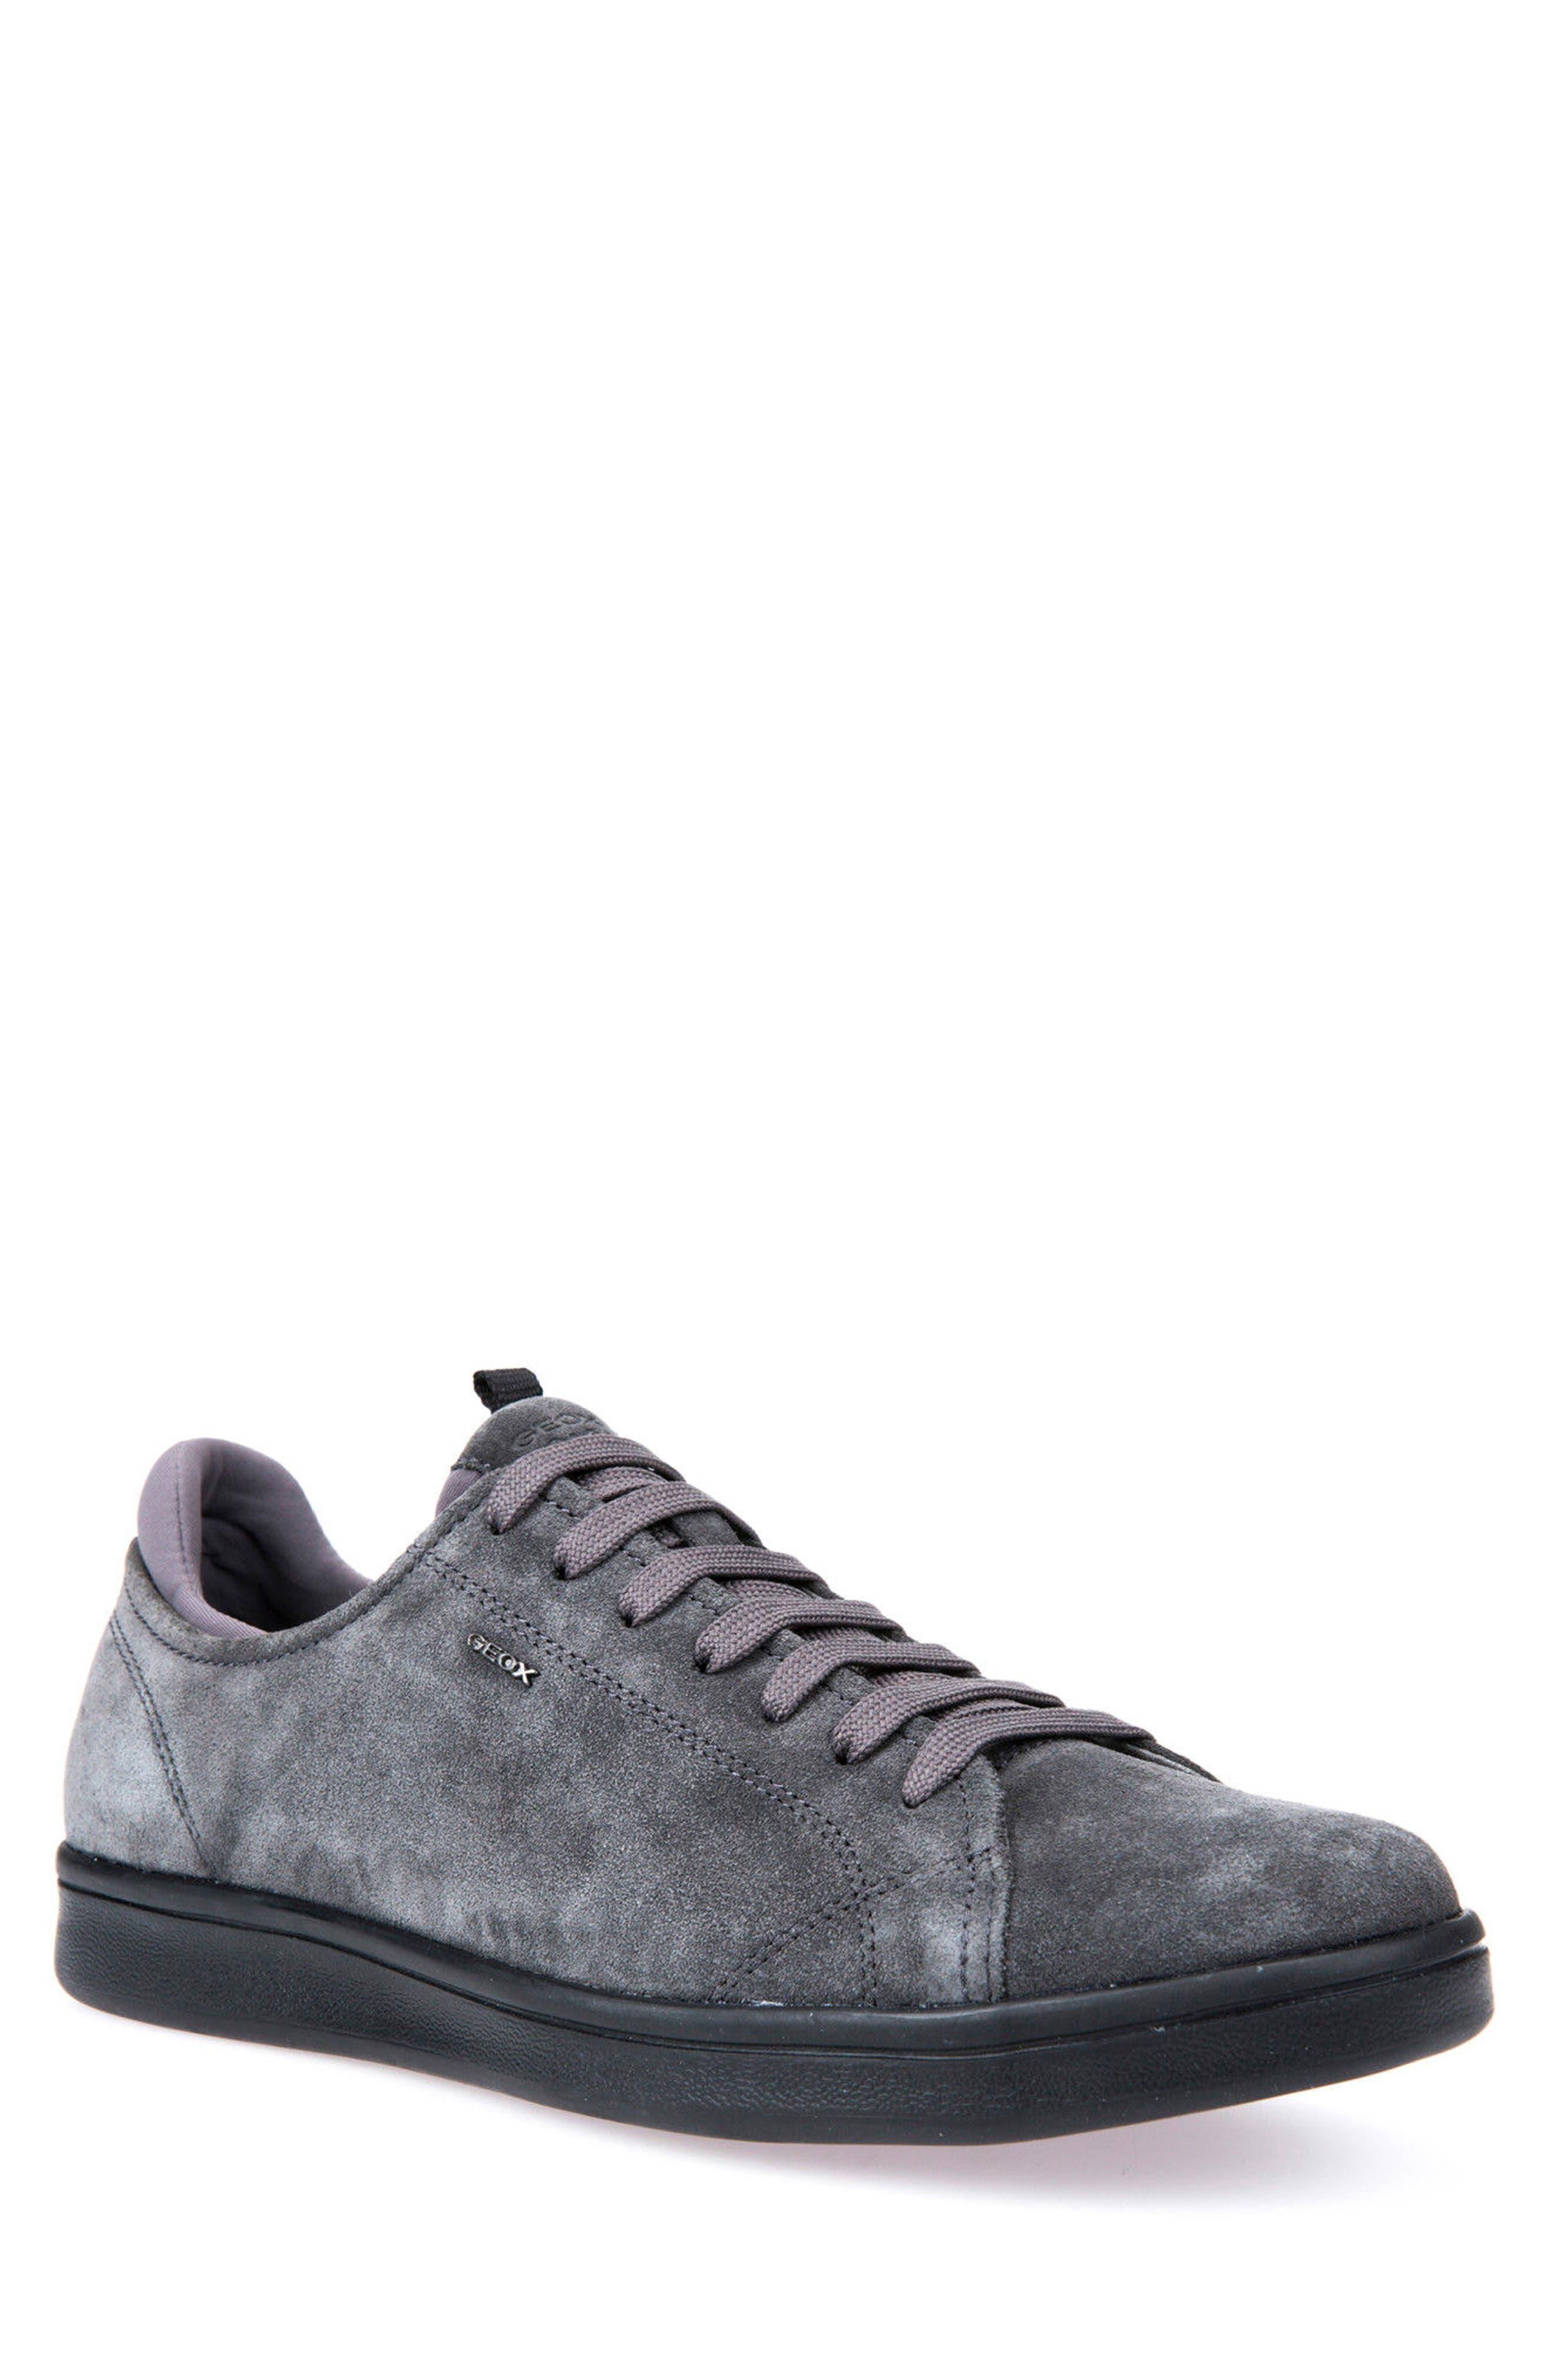 Warrens 8 Low-Top Sneaker,                             Main thumbnail 1, color,                             020